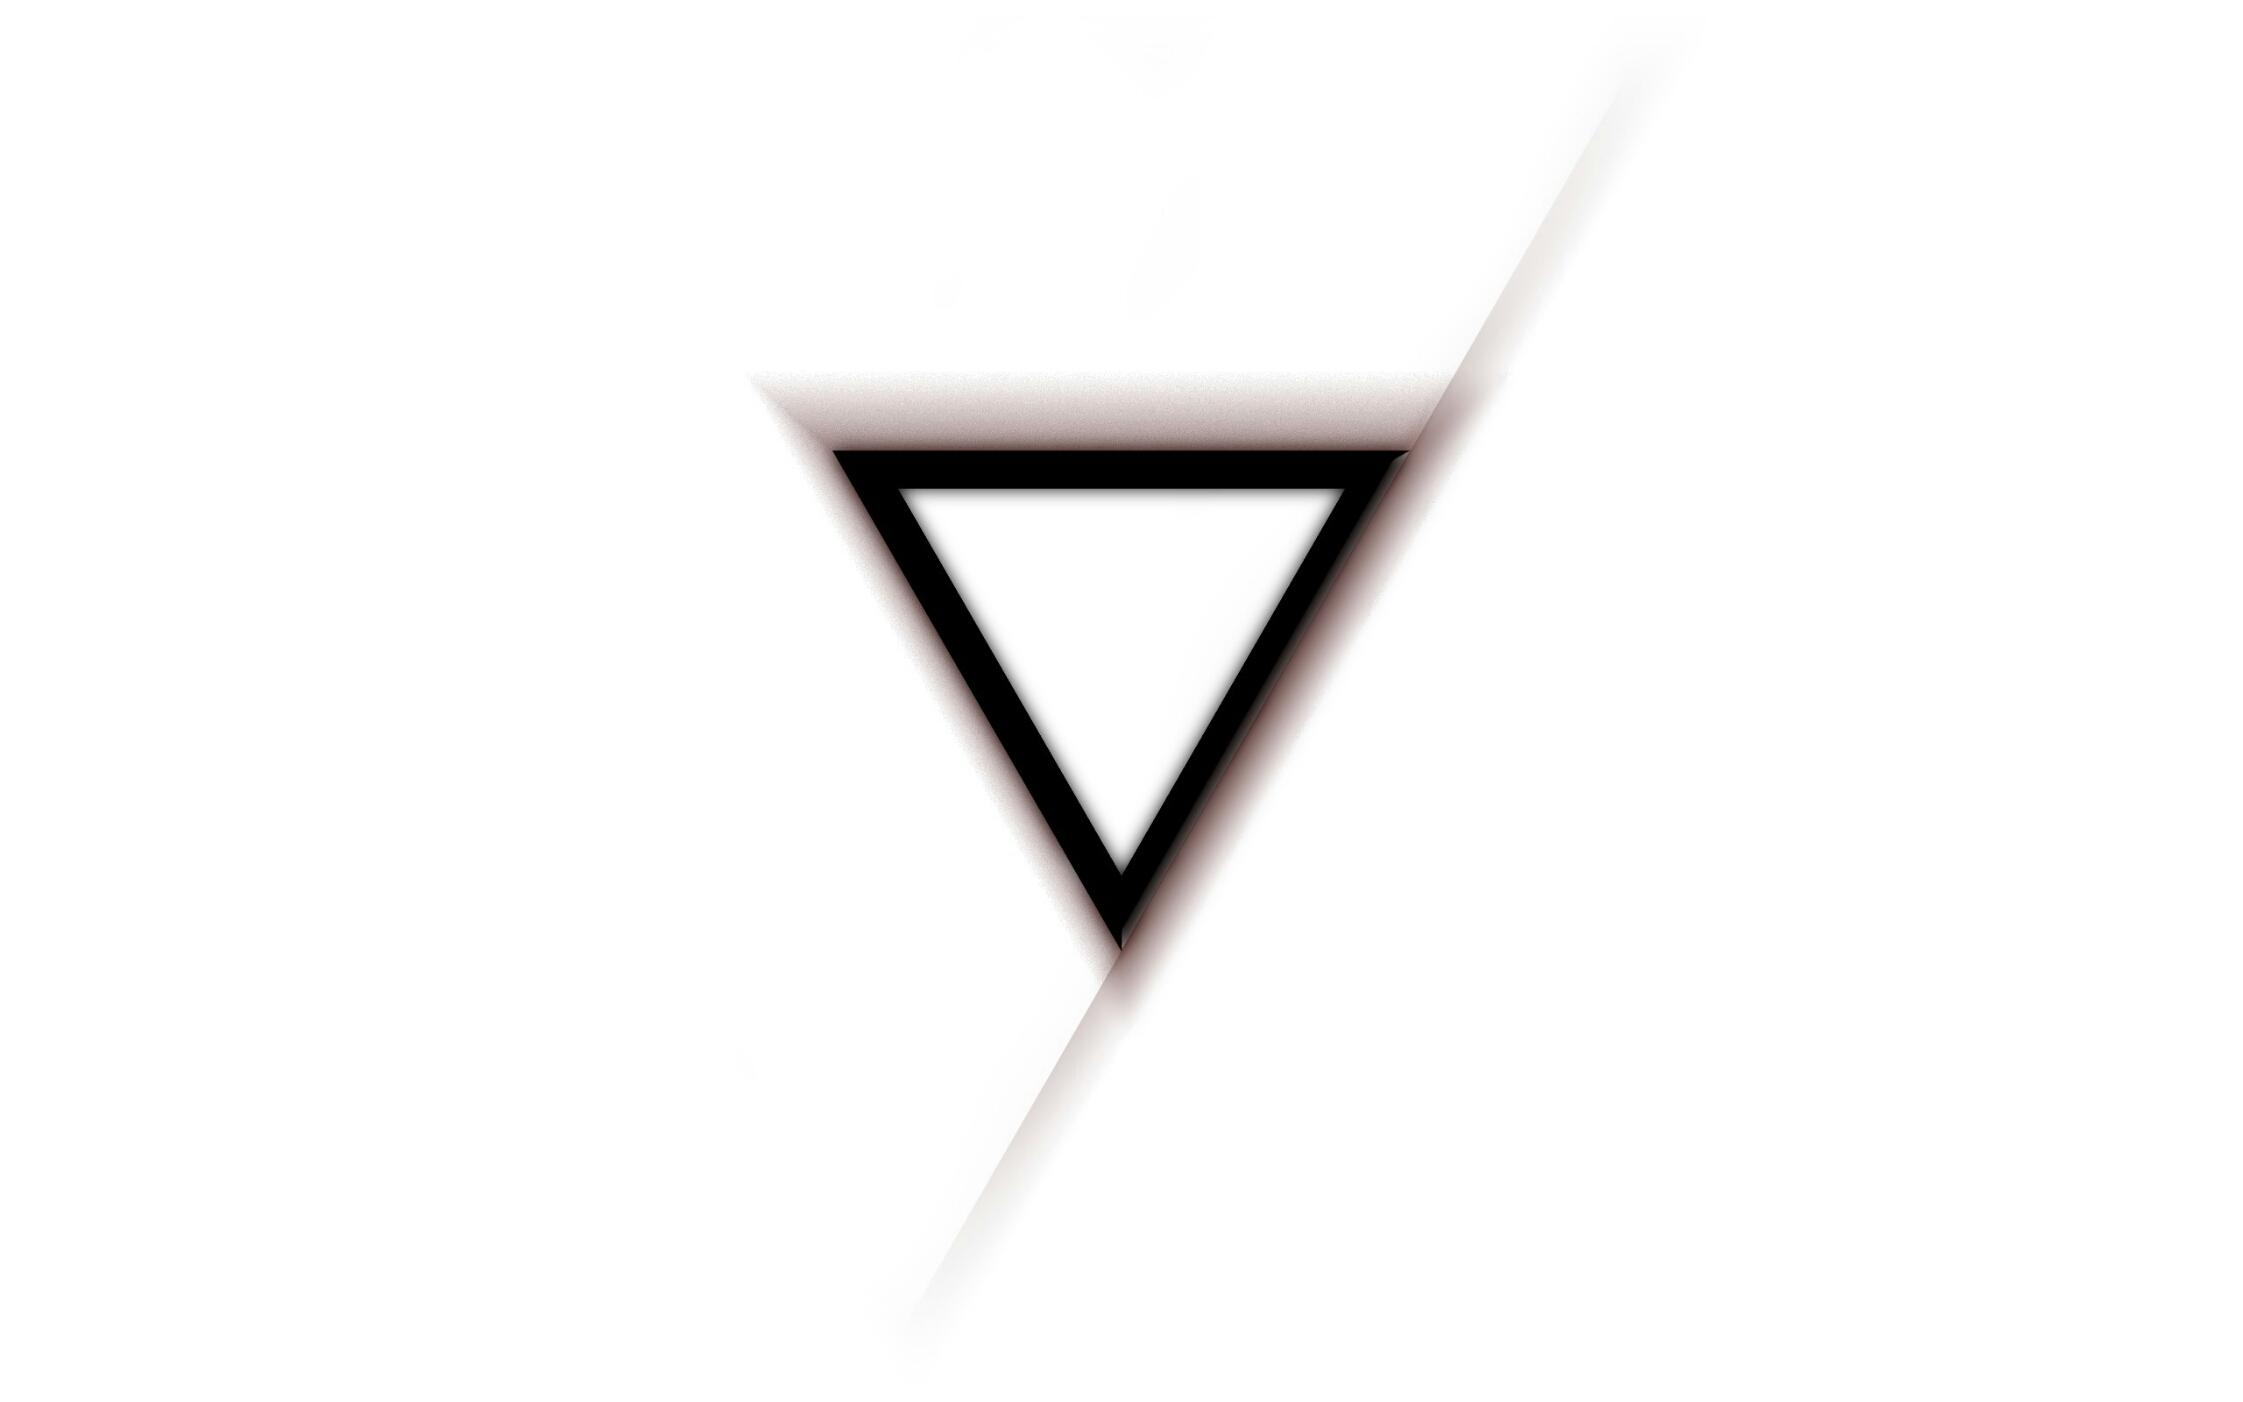 Hình nền trắng tam giác